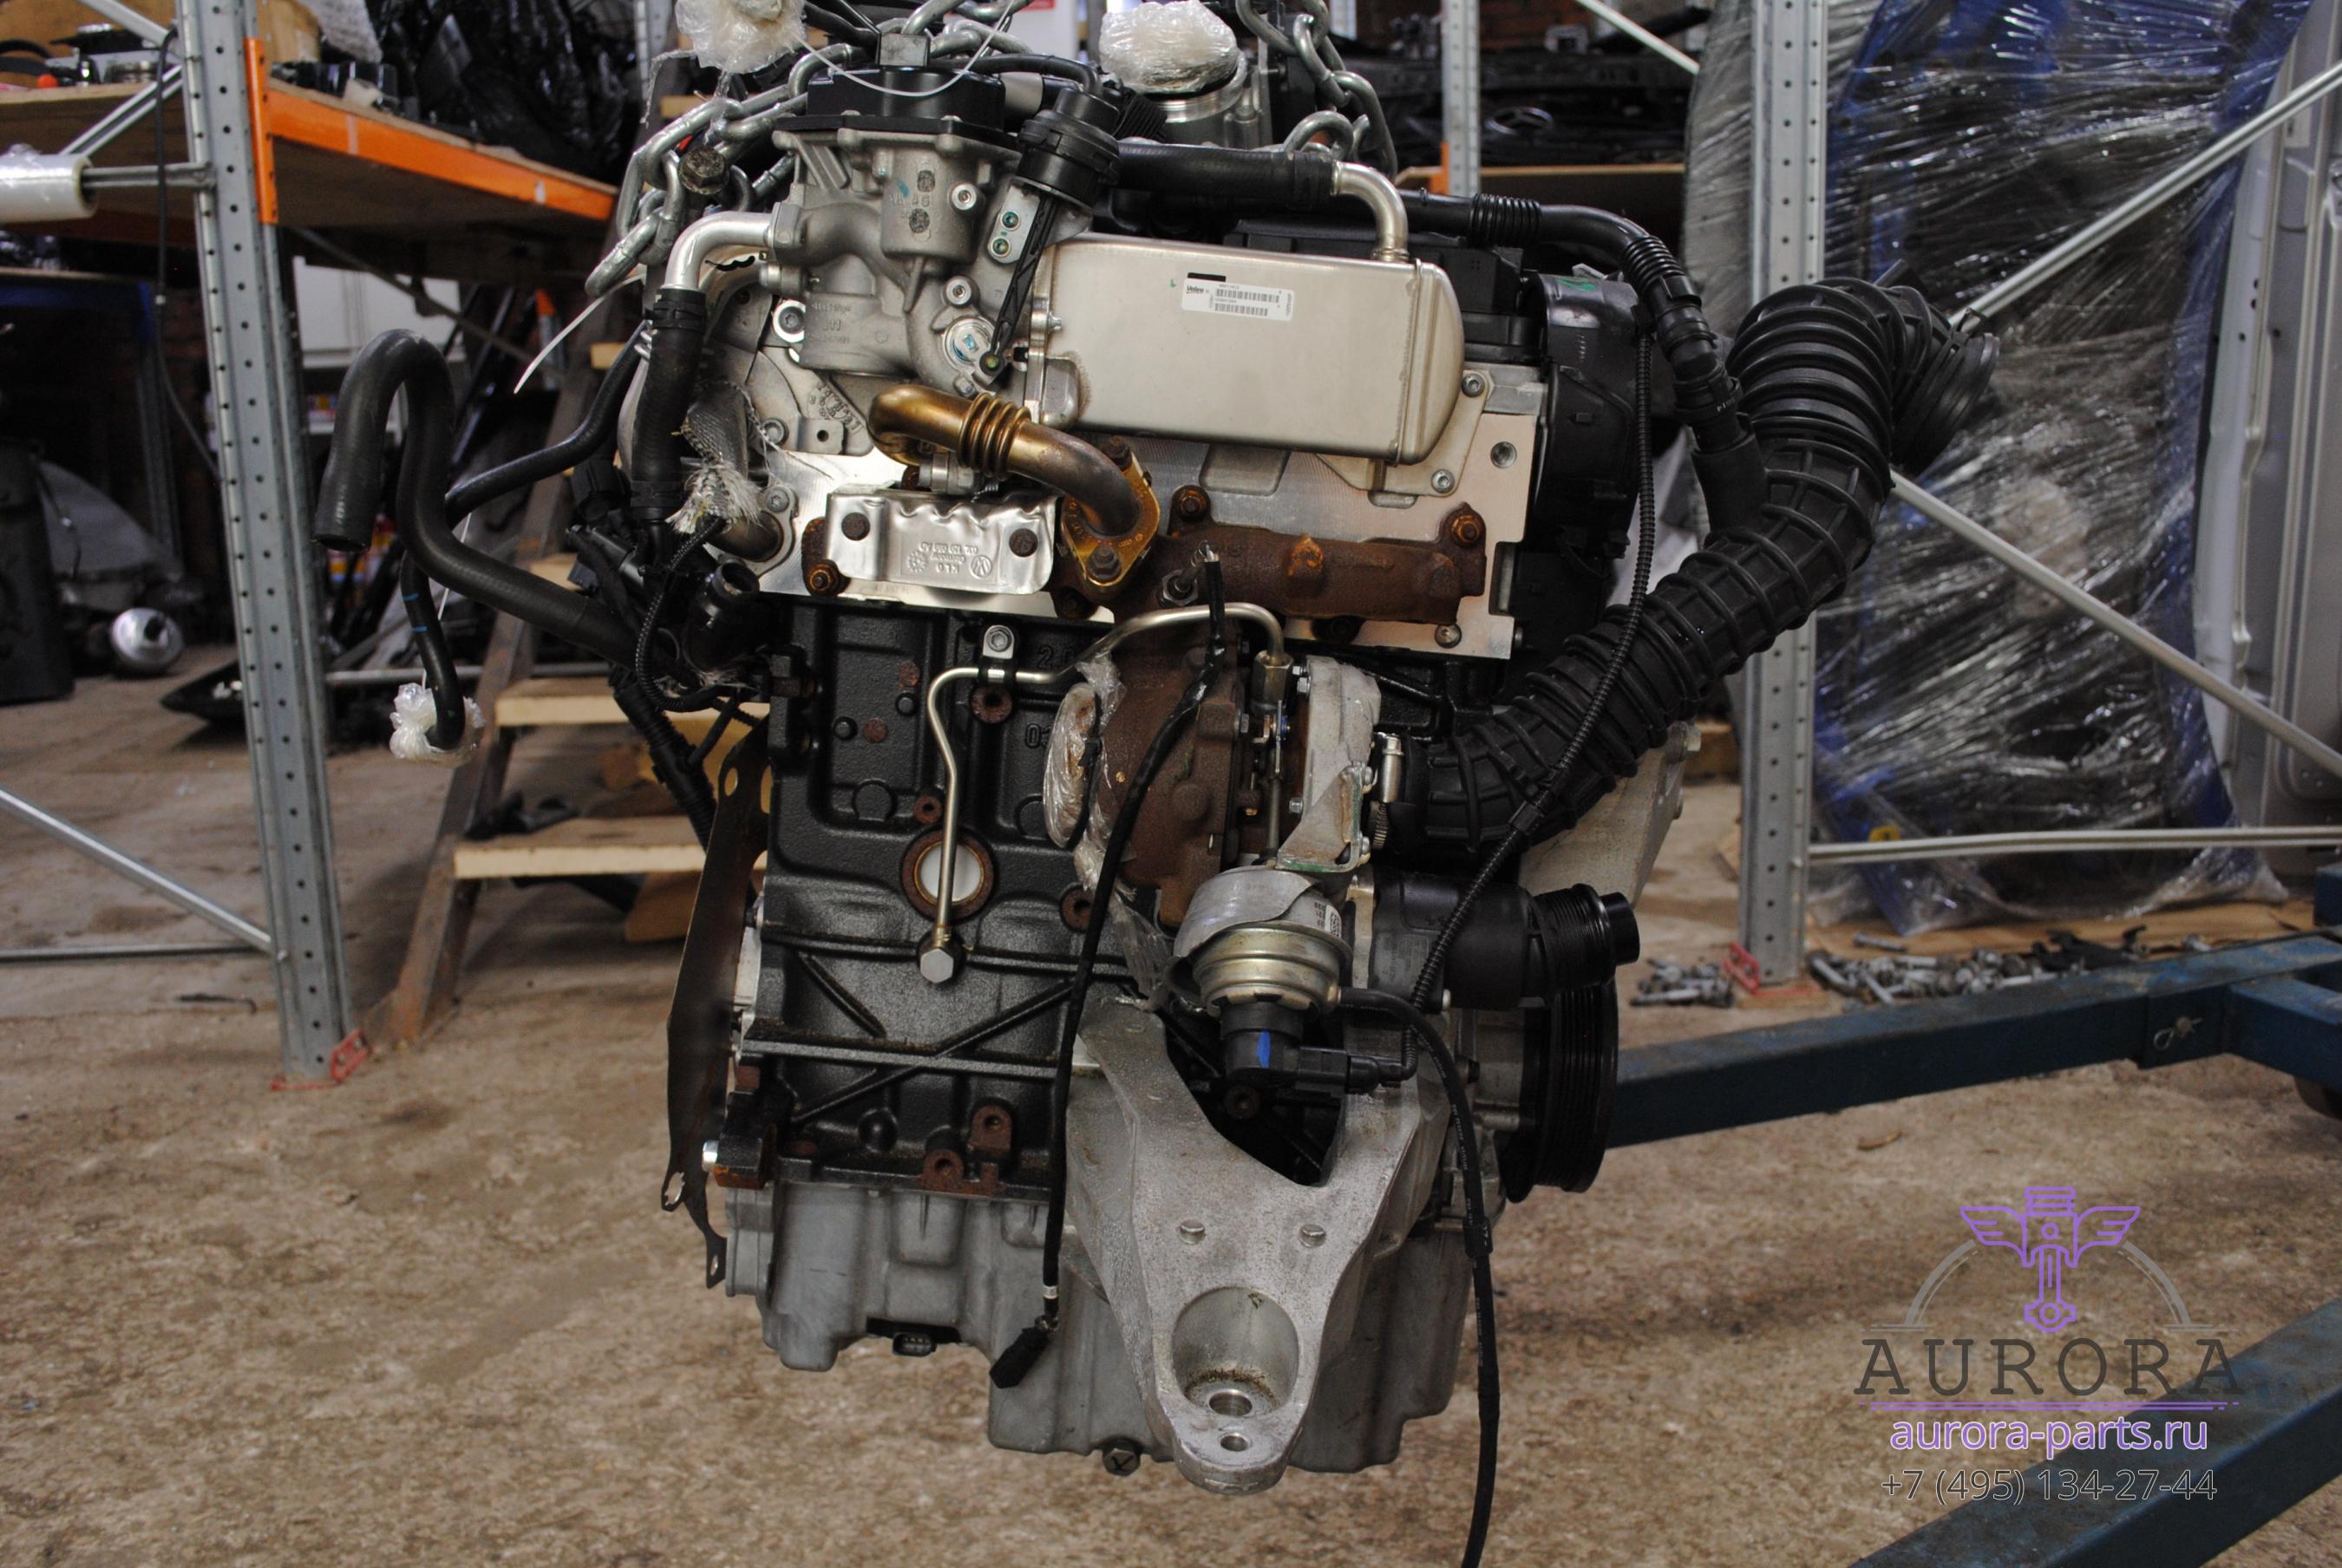 Транспортер киров разборка амортизатор фольксваген транспортер т3